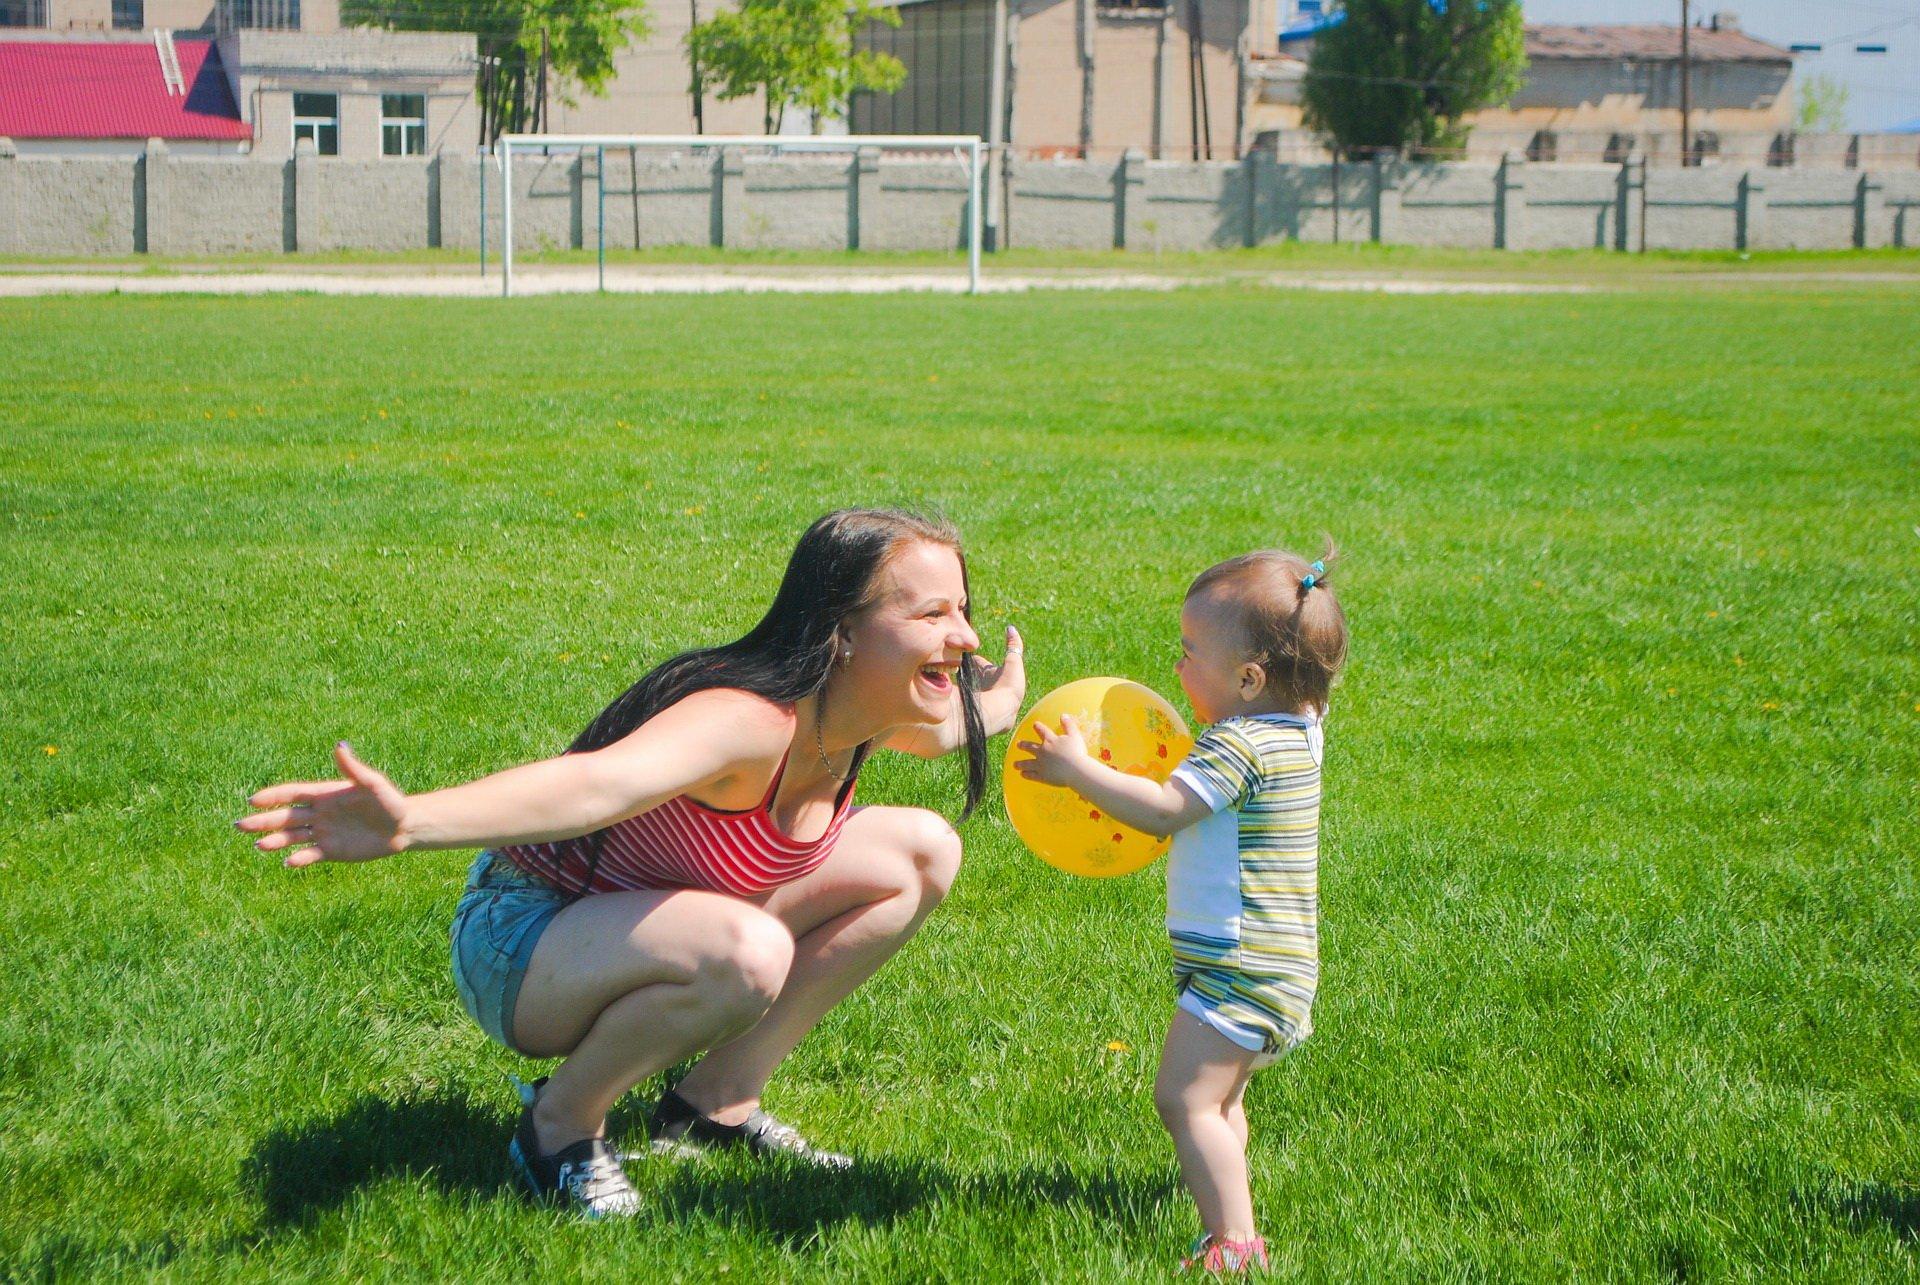 Spacer wiersz dla dzieci na wiosnę, wiersze i piosenki dla przedszkolaków